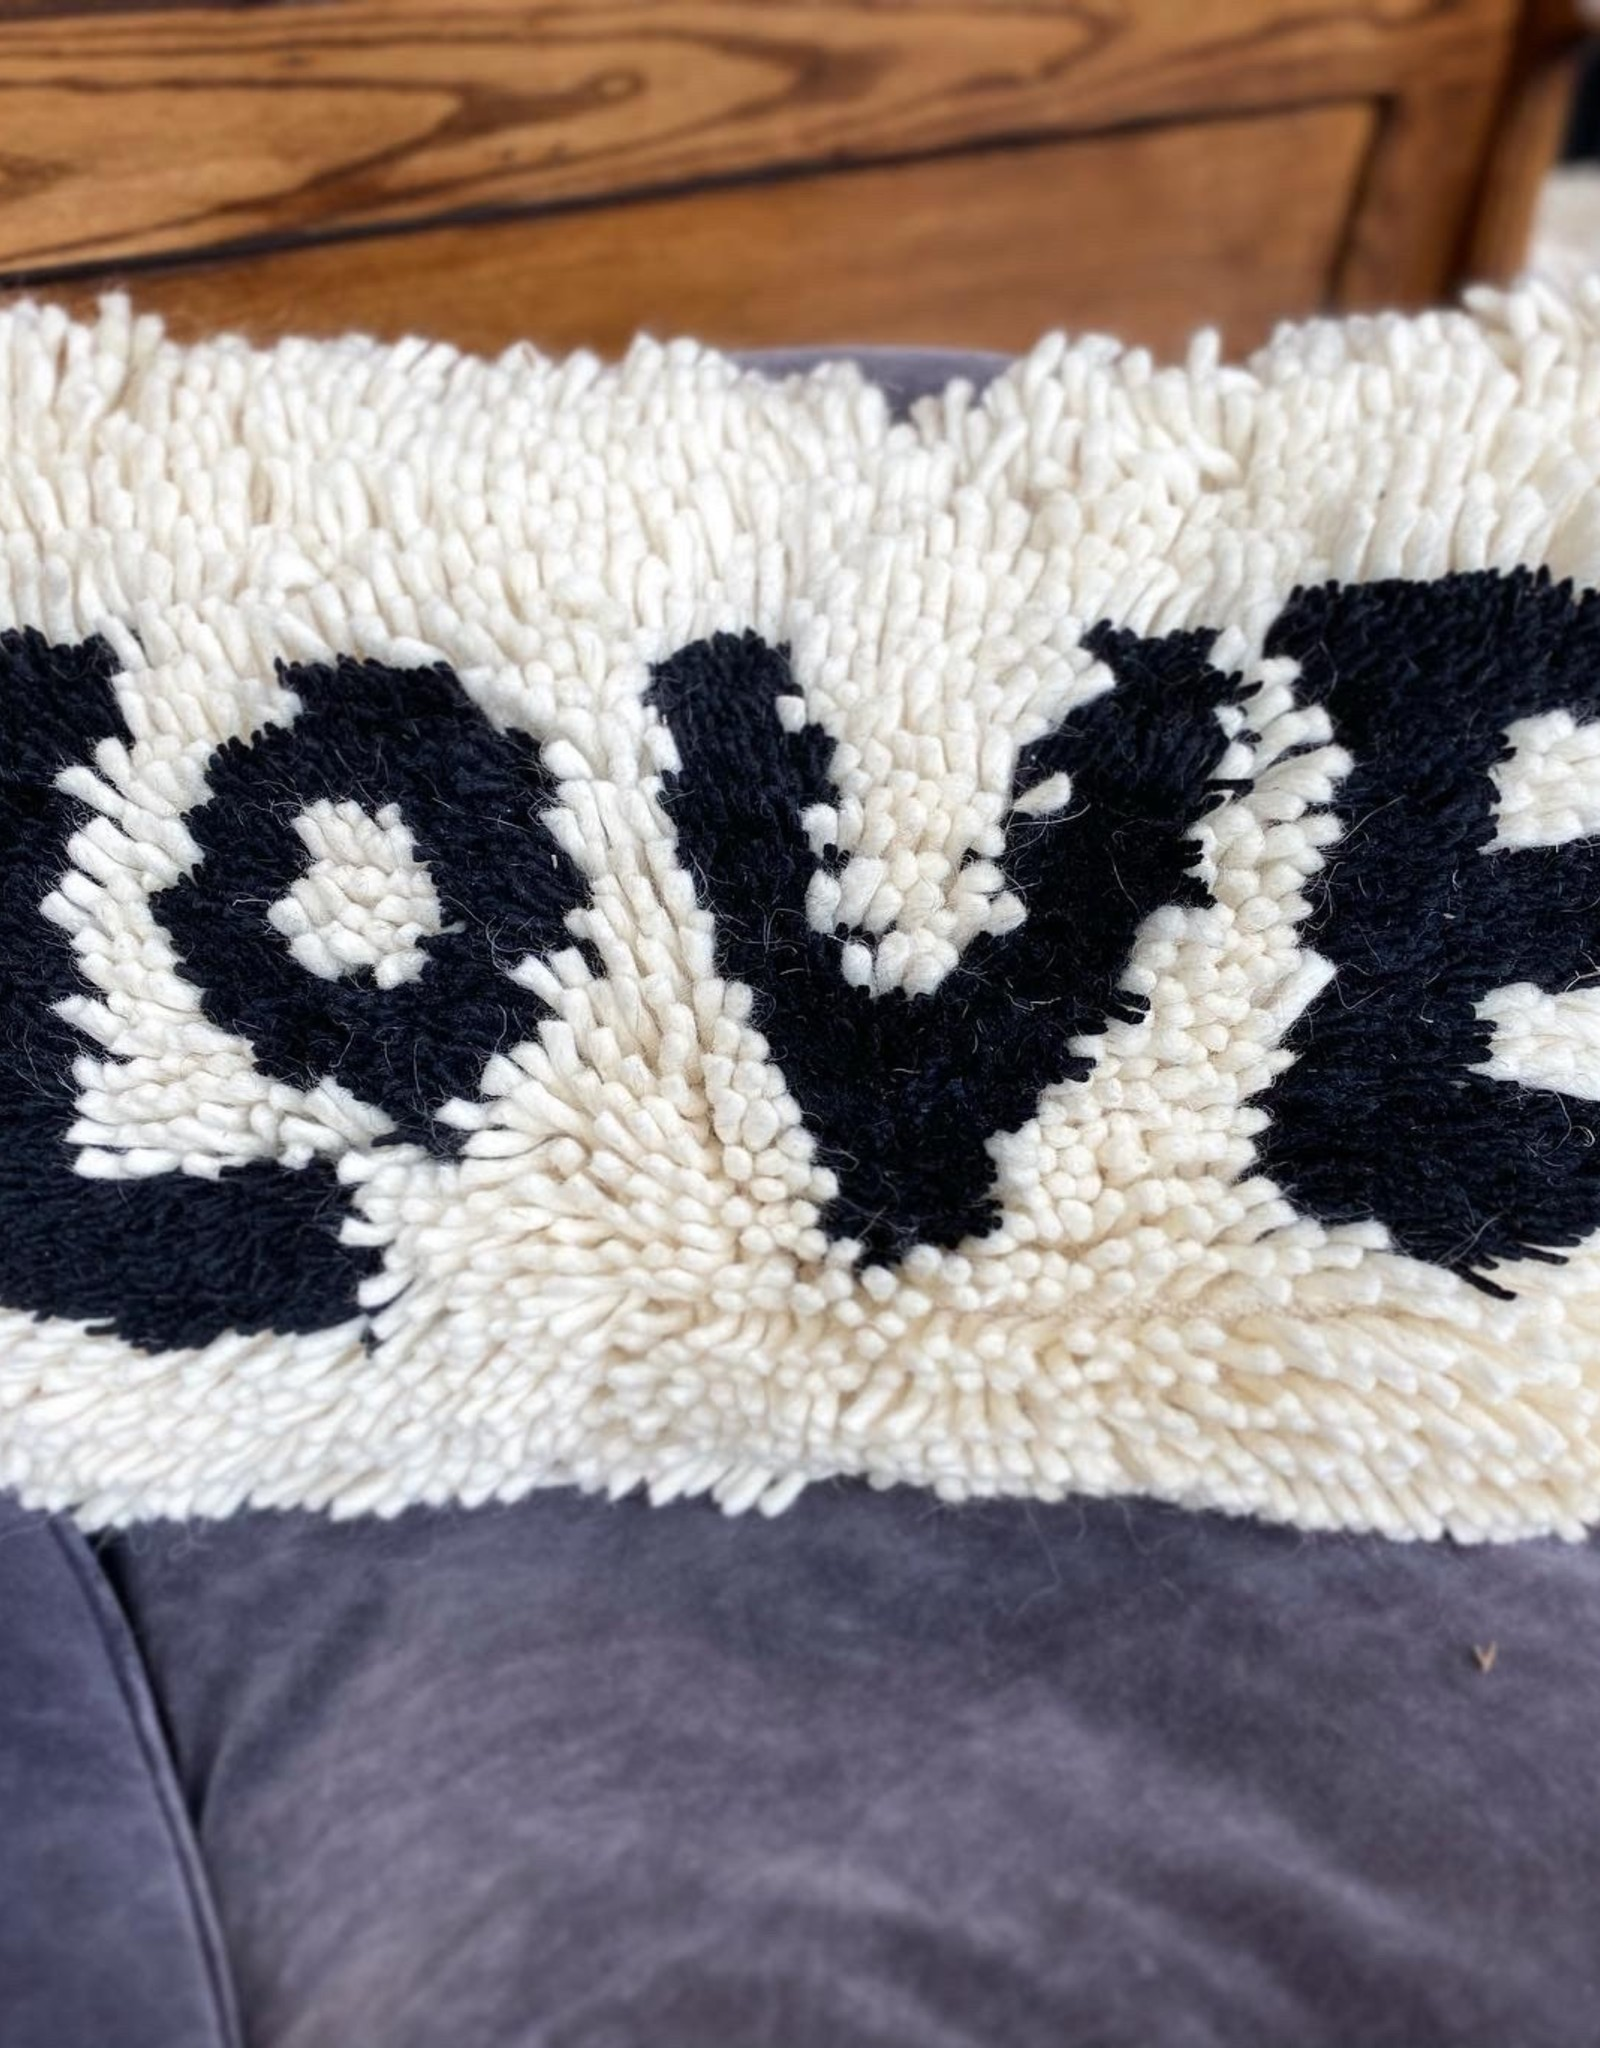 Creative Co-Op Wool Shag Love Pillow - Blk/Cream